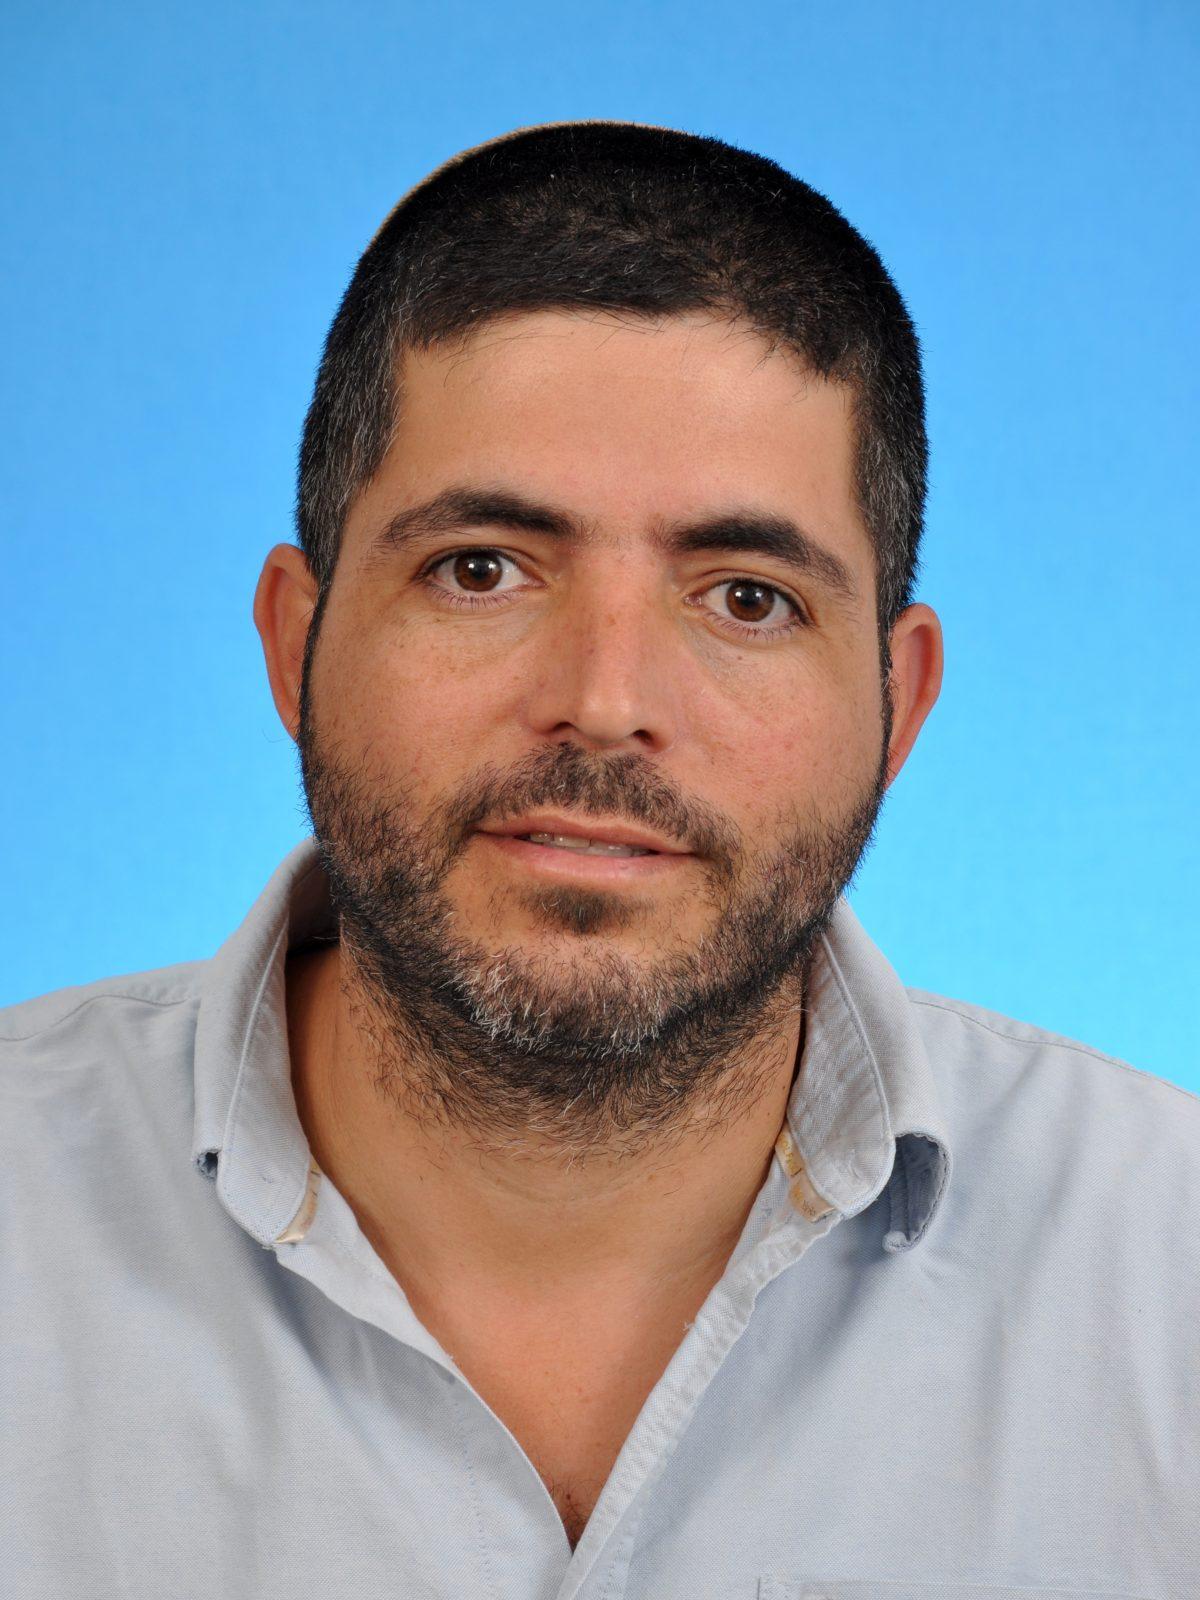 מנהל בית הספר שמעון אש